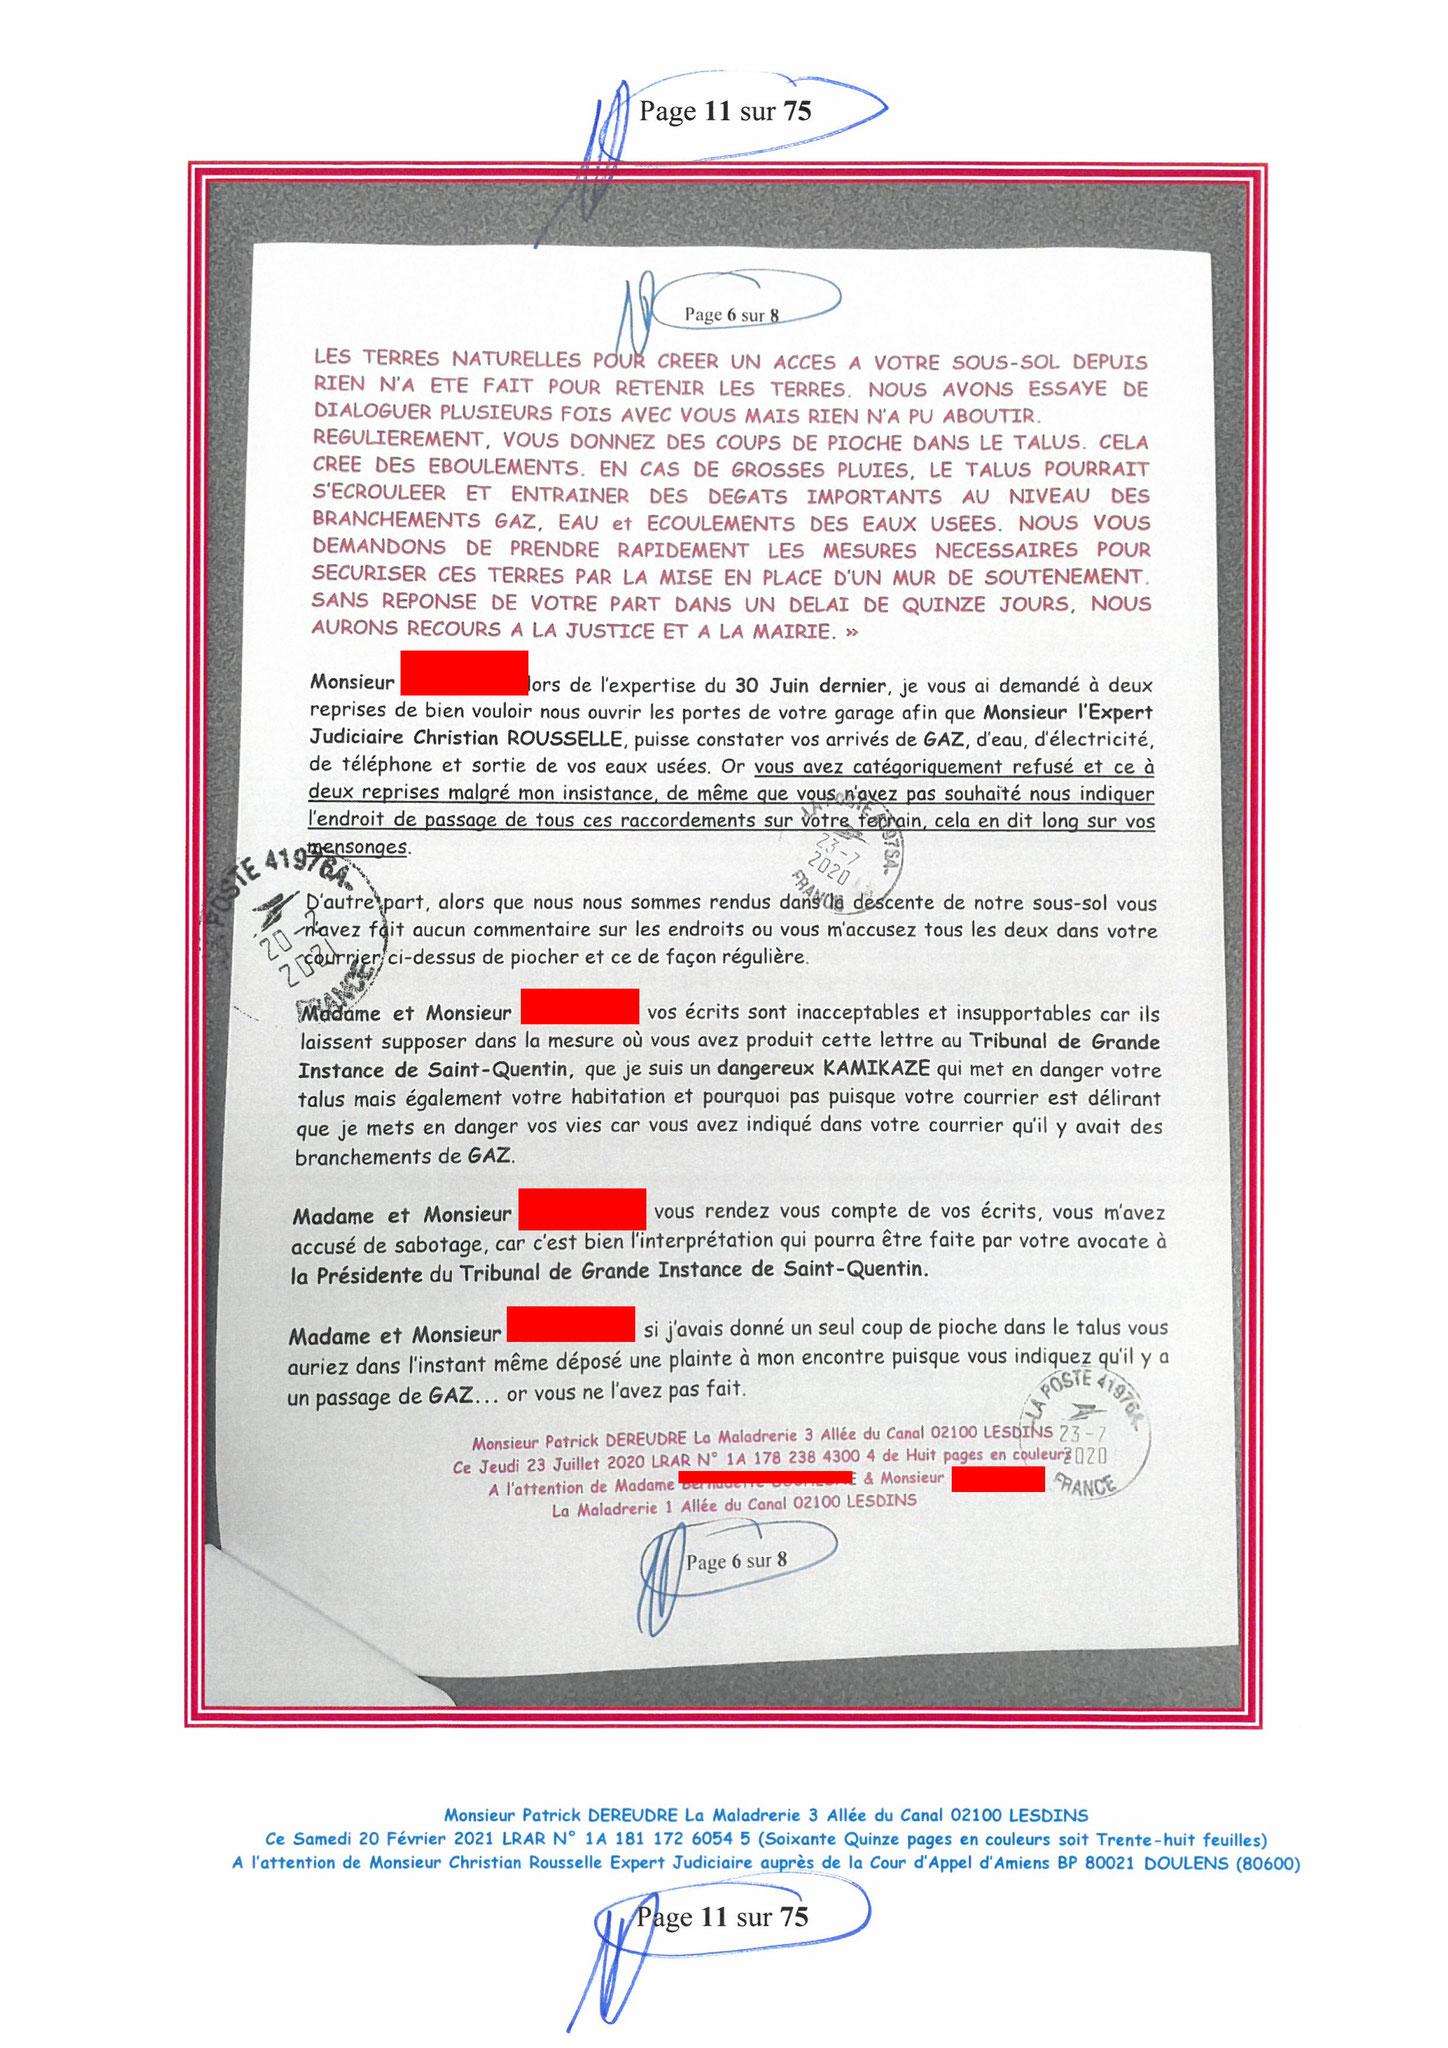 Page 11 Ma  Lettre Recommandée à Monsieur Christian ROUSSELLE Expert Judiciaire auprès de la Cour d'Appel d'Amiens Affaire MES CHERS VOISINS nos  www.jenesuispasunchien.fr www.jesuisvictime.fr www.jesuispatrick.fr PARJURE & CORRUPTION JUSTICE REPUBLIQUE